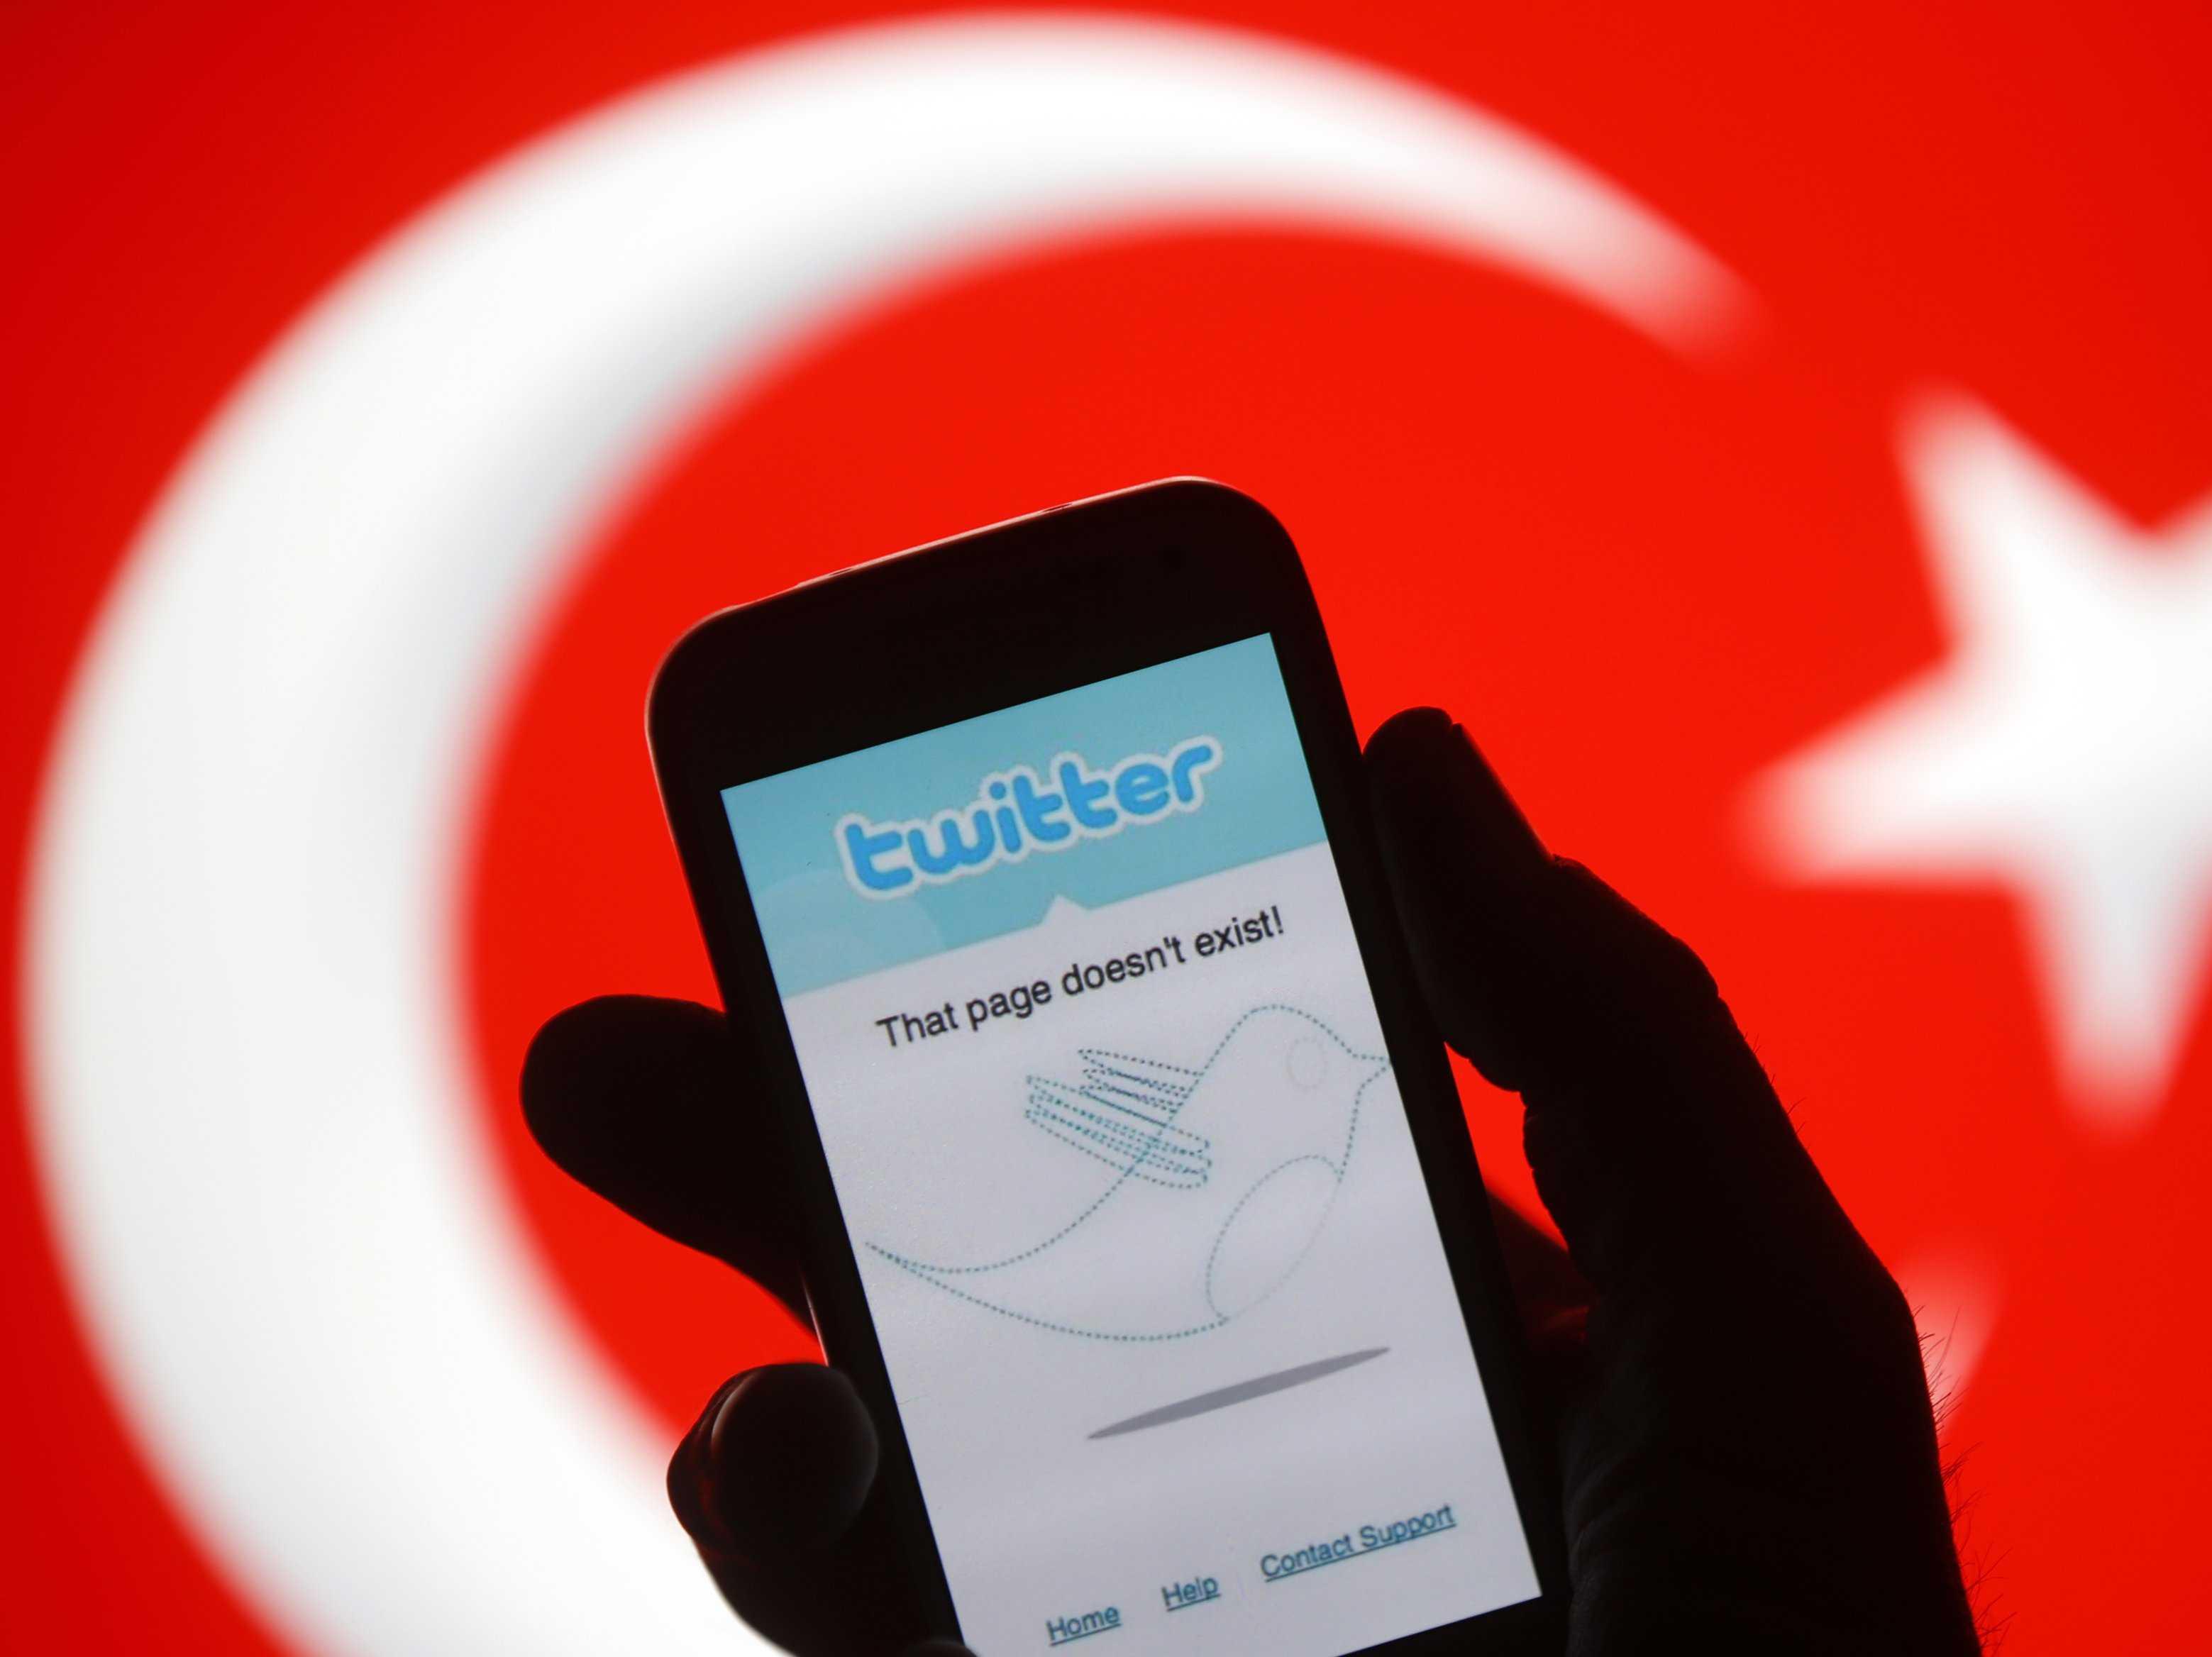 Turk_Twitter